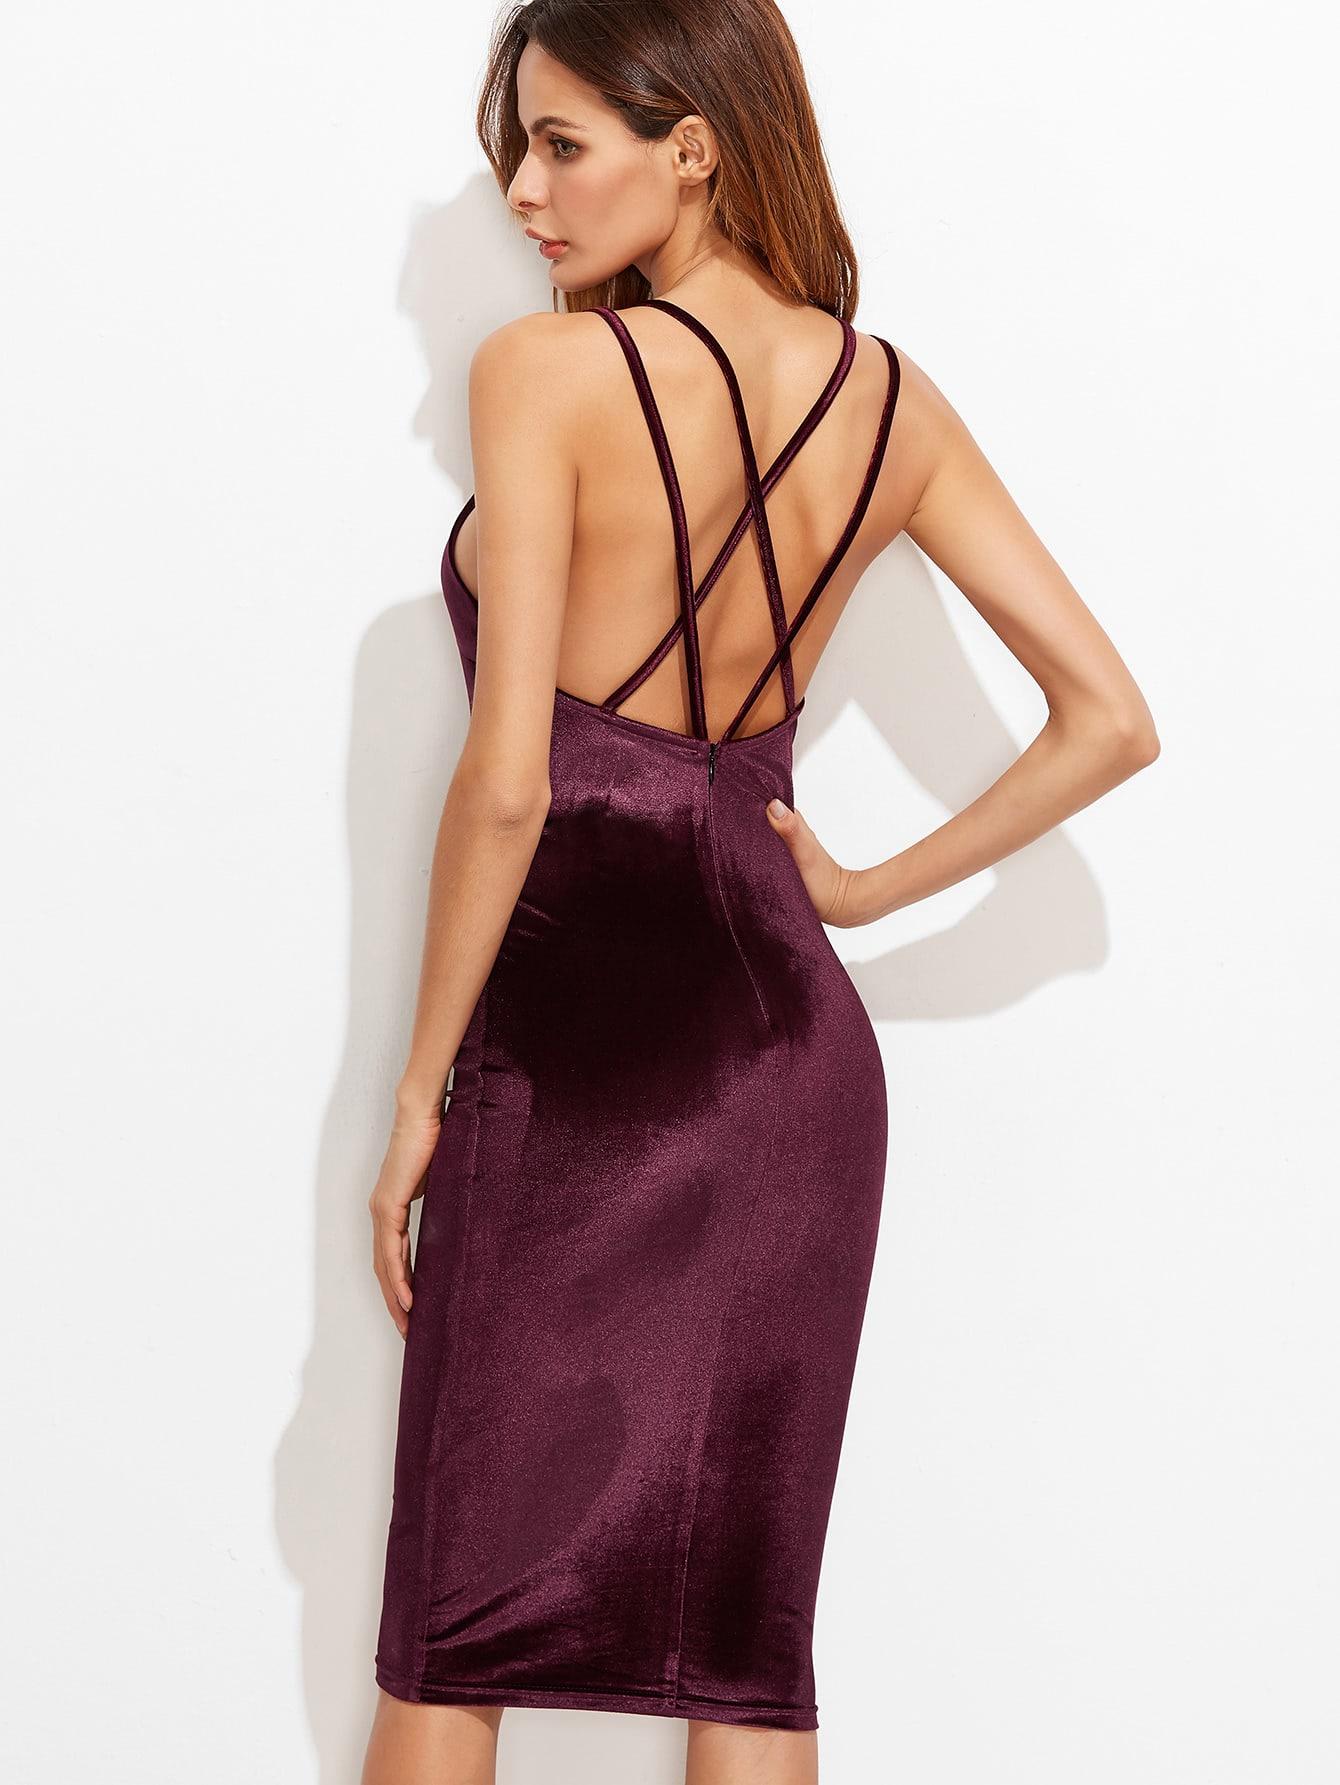 dress161205701_2